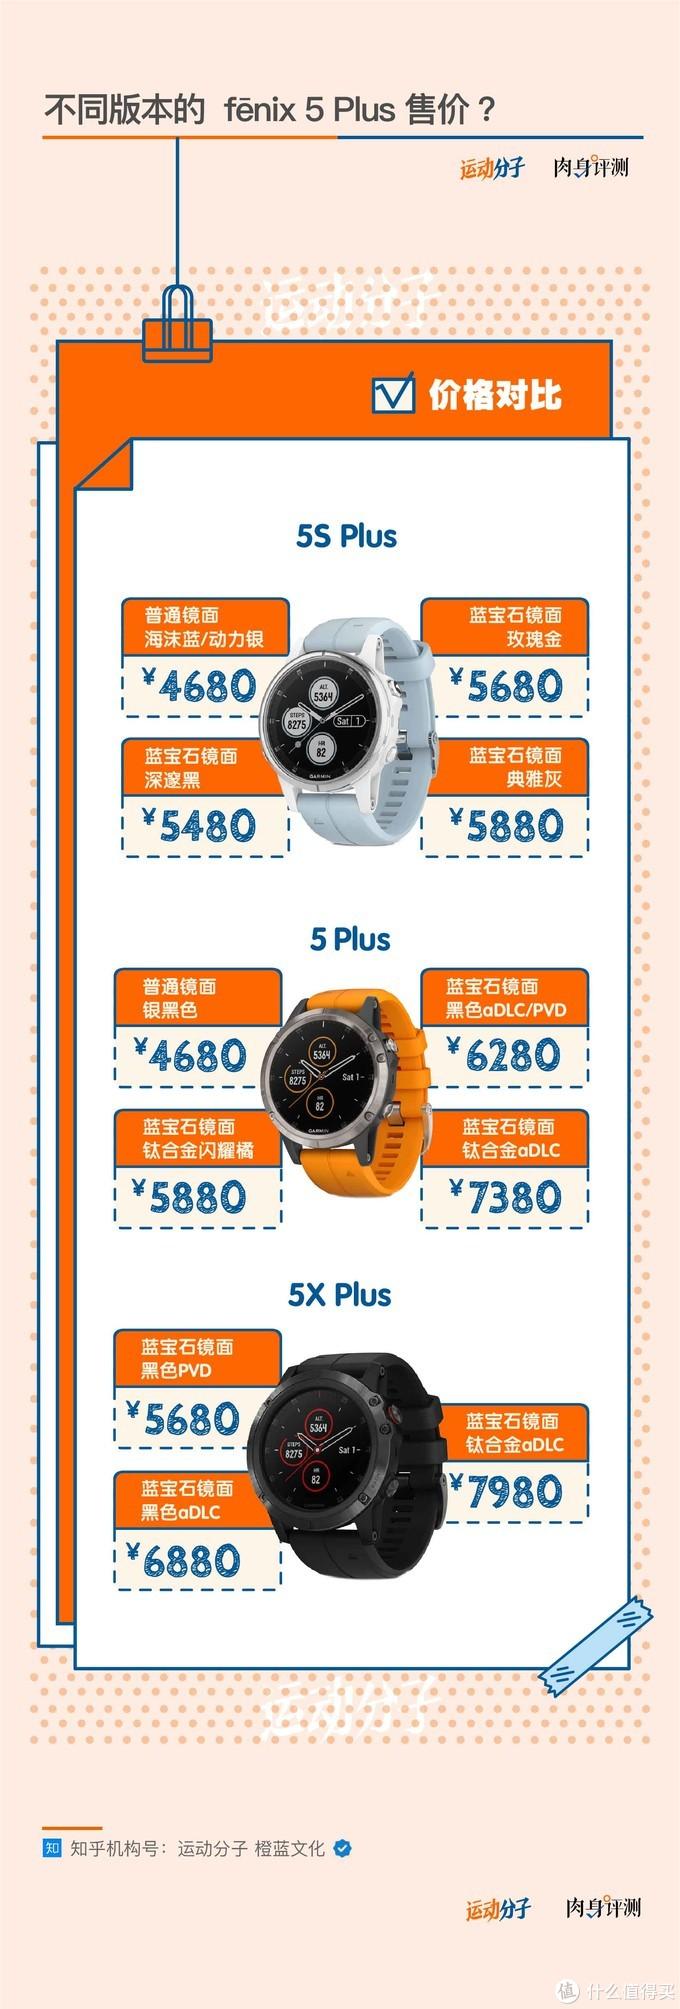 佳明fenix 5S Plus、5 Plus、5X Plus,应该怎么选?